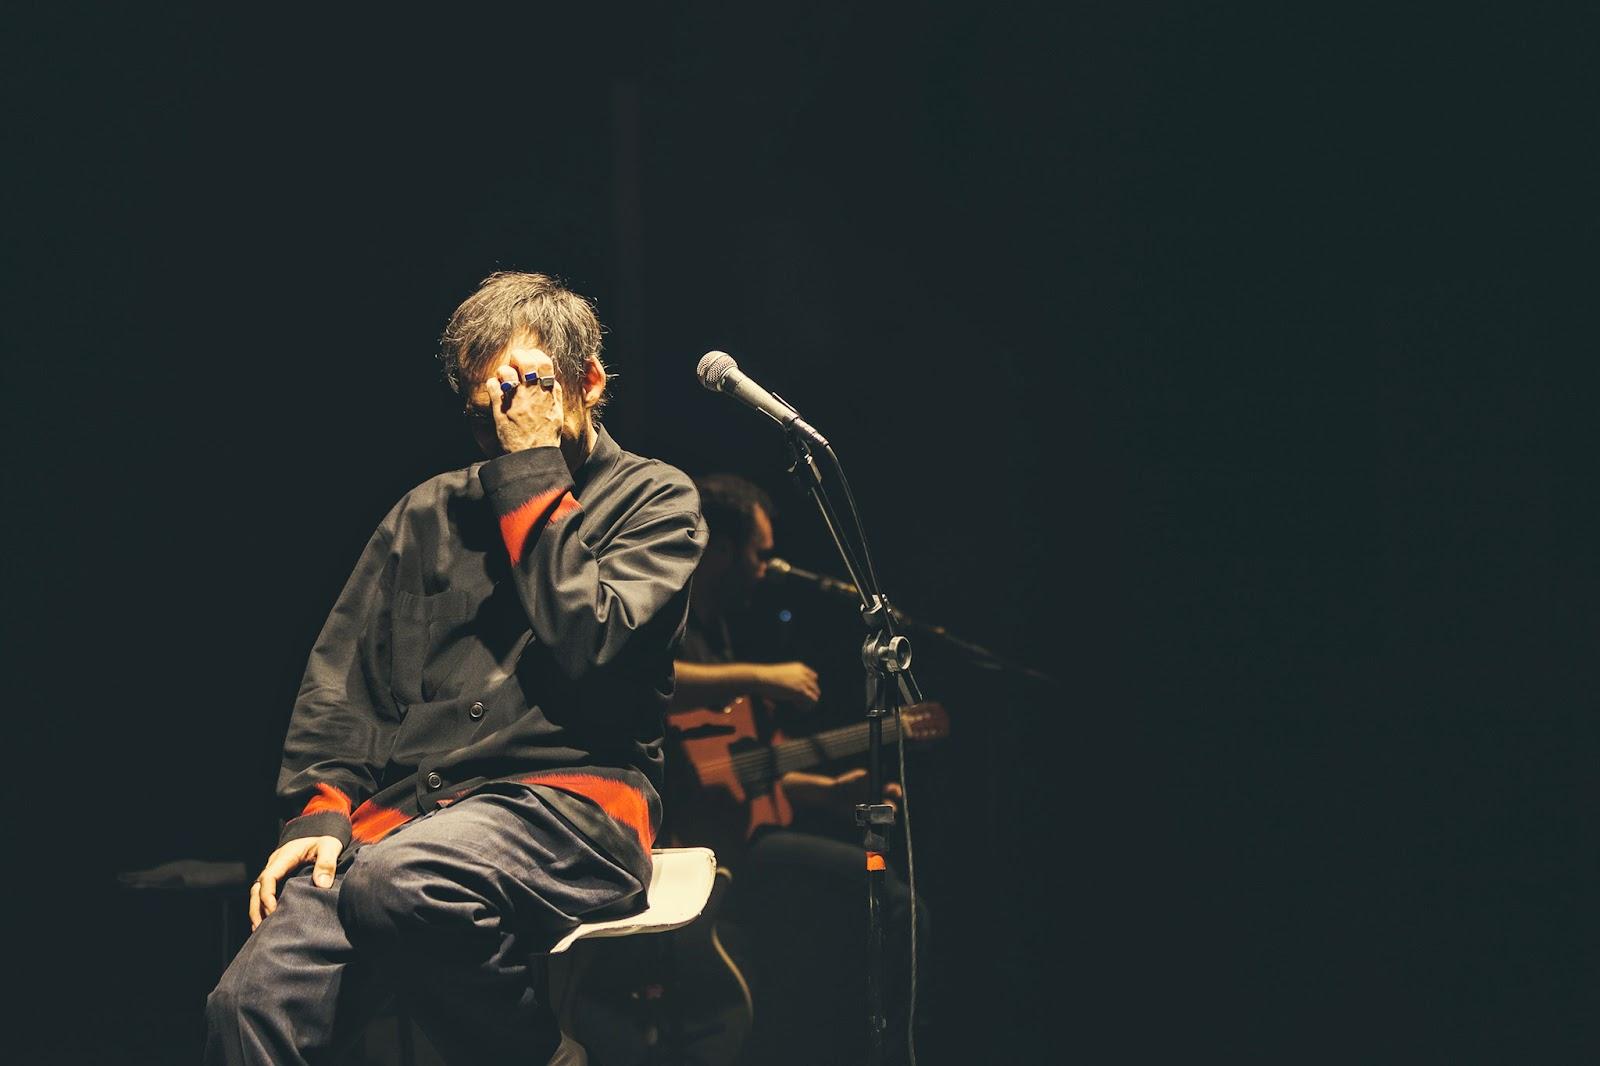 Arnaldo Antunes-Ilha Solteira-SP-Titãs-Tribalista-Rock-Acustico MtV- - Dois Violões - Circuito Cultural Paulista 2014 -Pulso-Alma-Socorro-Não Vou Me adaptar-Beija Eu-Infinito Particular-Vilarejo-Velha Infância -Quem Me Olha Só